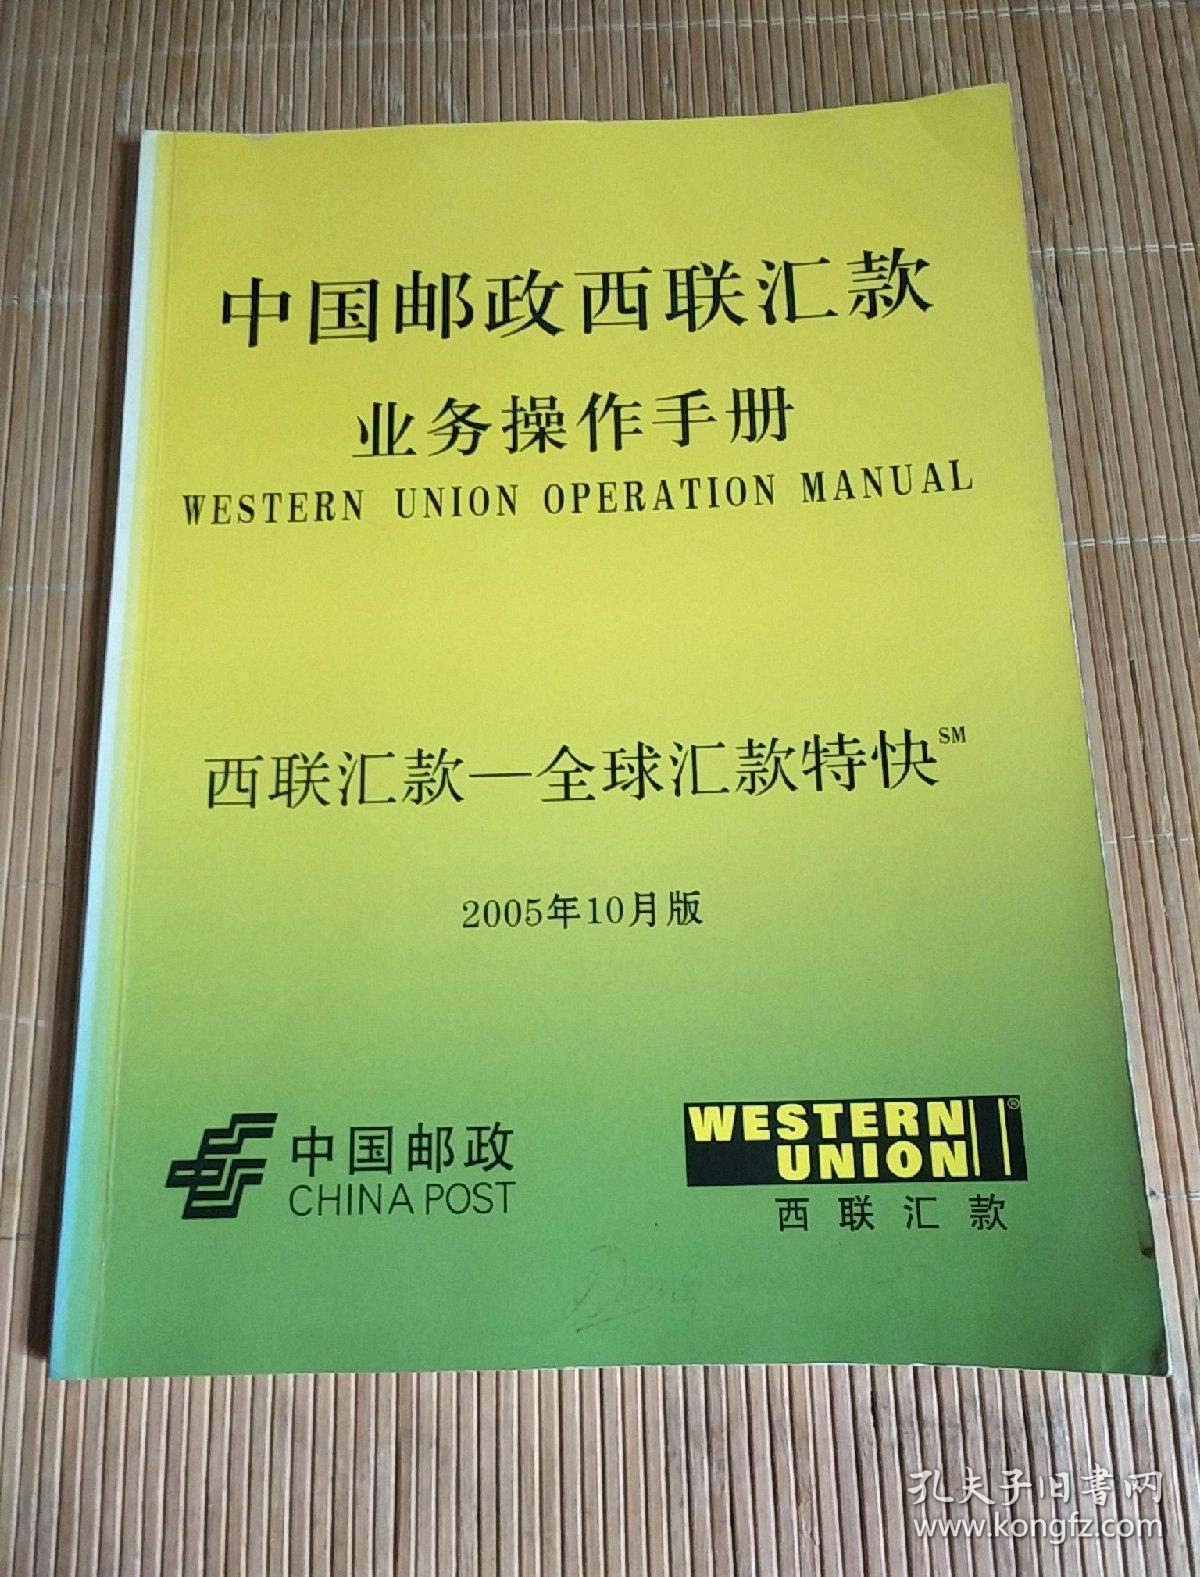 中国邮政西联汇款视频操作手册v邮政的步骤业务教程图片